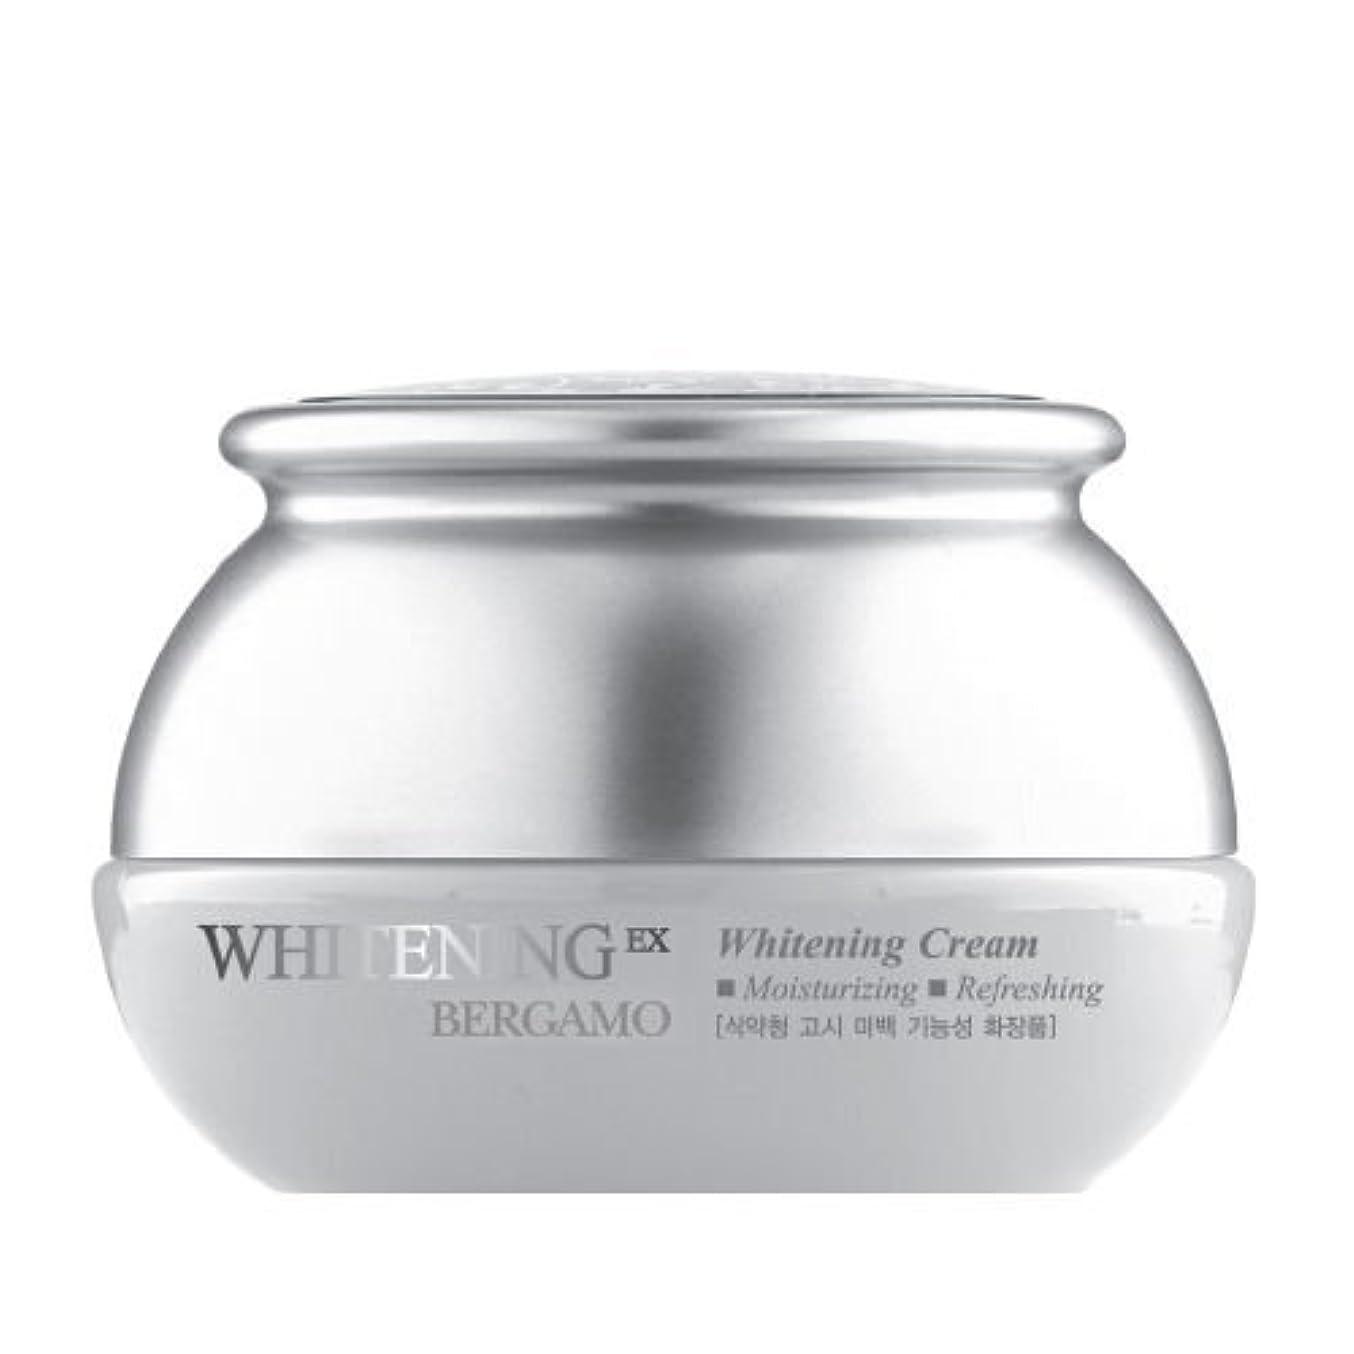 がんばり続けるサルベージケイ素ベルガモ[韓国コスメBergamo]Whitening EX Wrinkle Care Cream ホワイトニングEXリンクルケアクリーム50ml しわ管理 [並行輸入品]